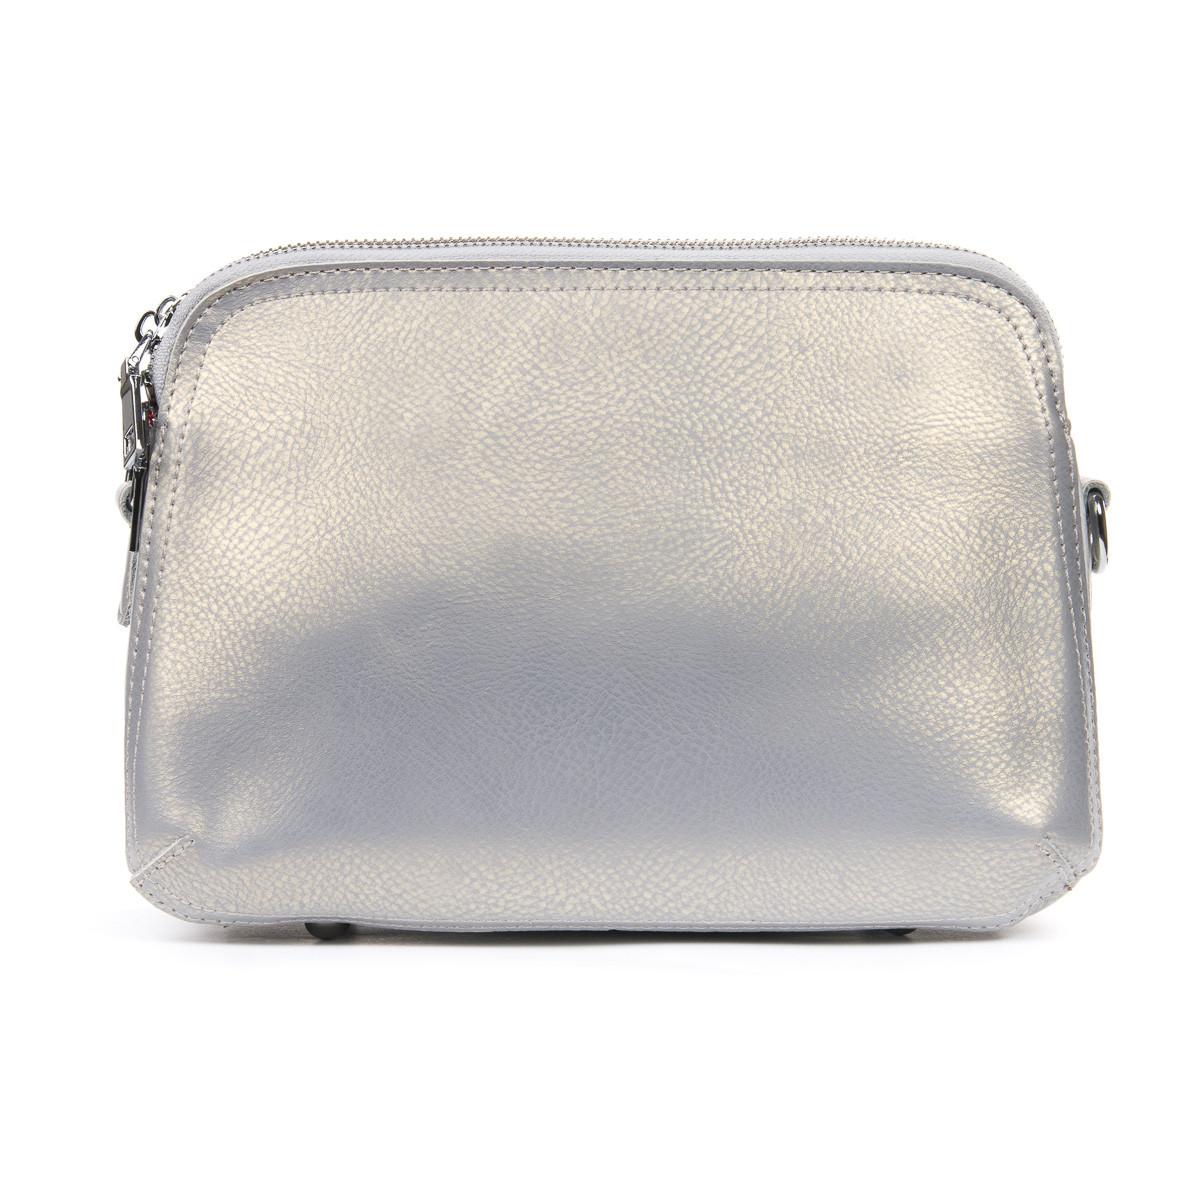 Сумка Женская Клатч кожа ALEX RAI 06-1 8725 bead light-grey